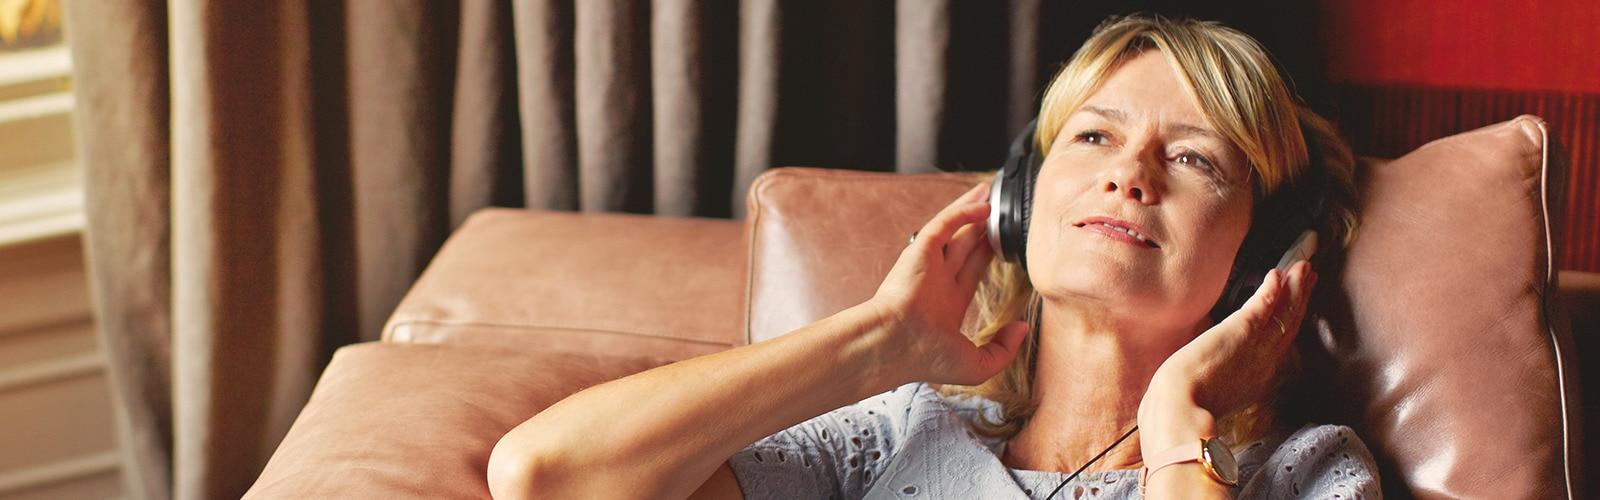 Femme se détendant et écoutant de la musique – conseils pour moins stresser en tant qu'aidant